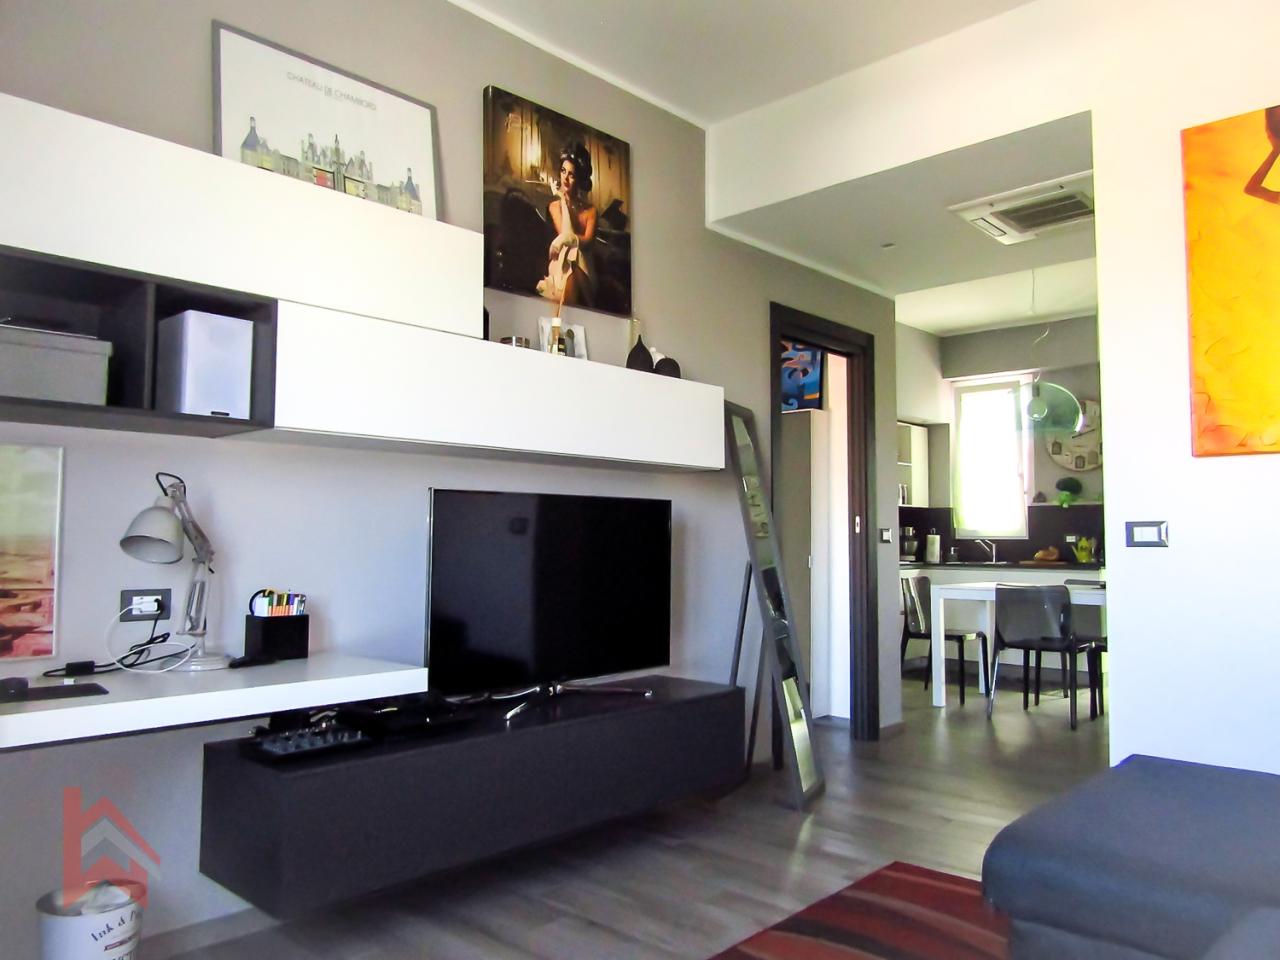 Appartamento in vendita a Livorno, 3 locali, prezzo € 120.000 | CambioCasa.it